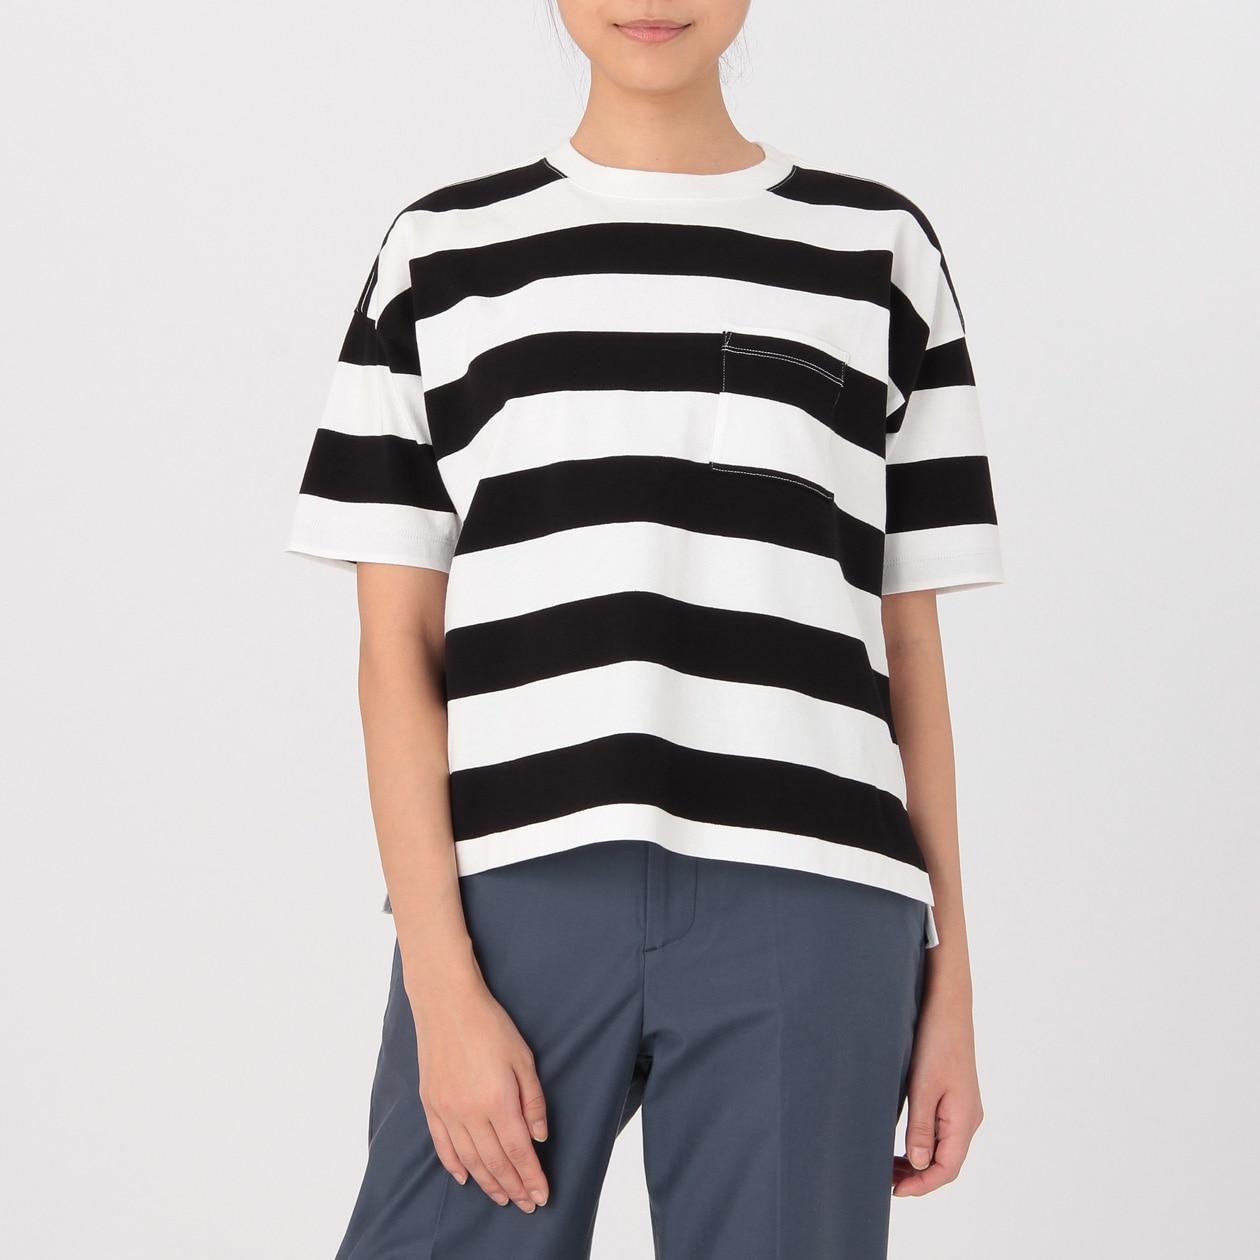 オーガニックコットン太番手クルーネックワイドTシャツ(半袖)